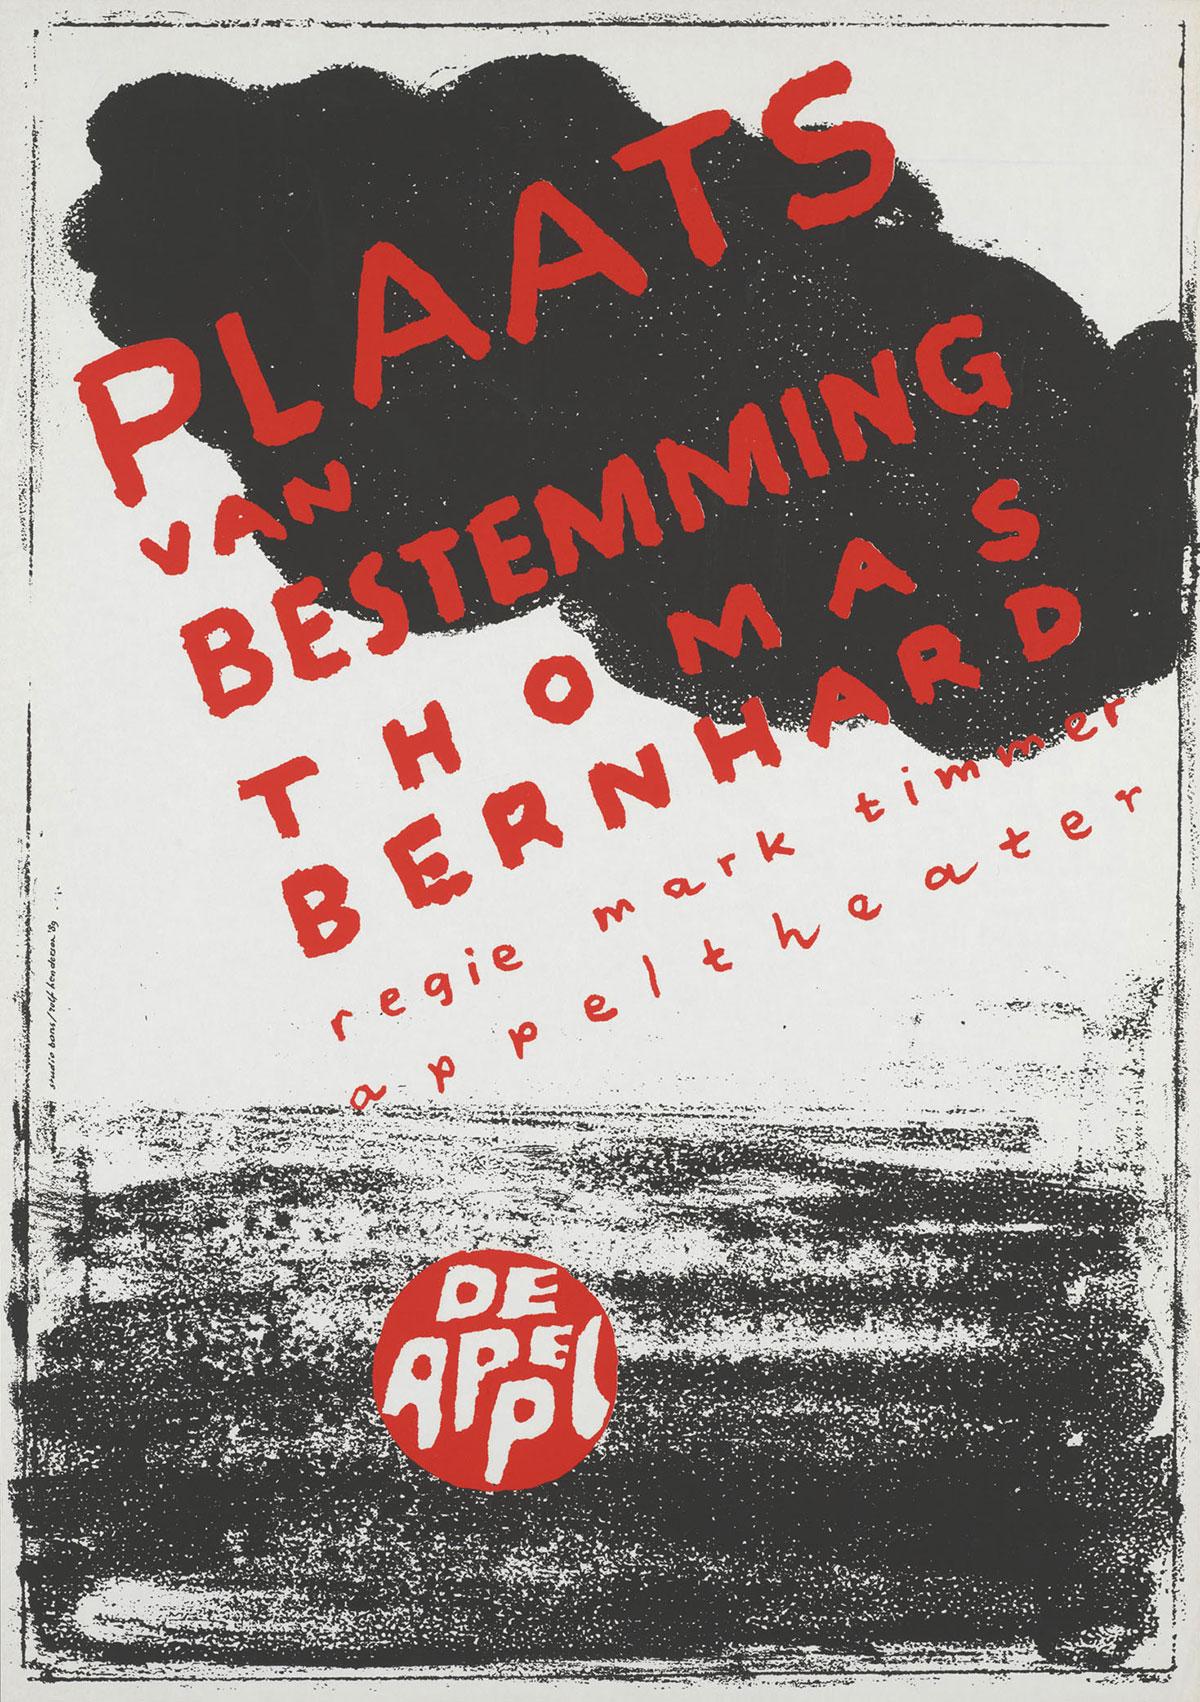 Jan-Bons-affiche-Plaats-van-bestemming